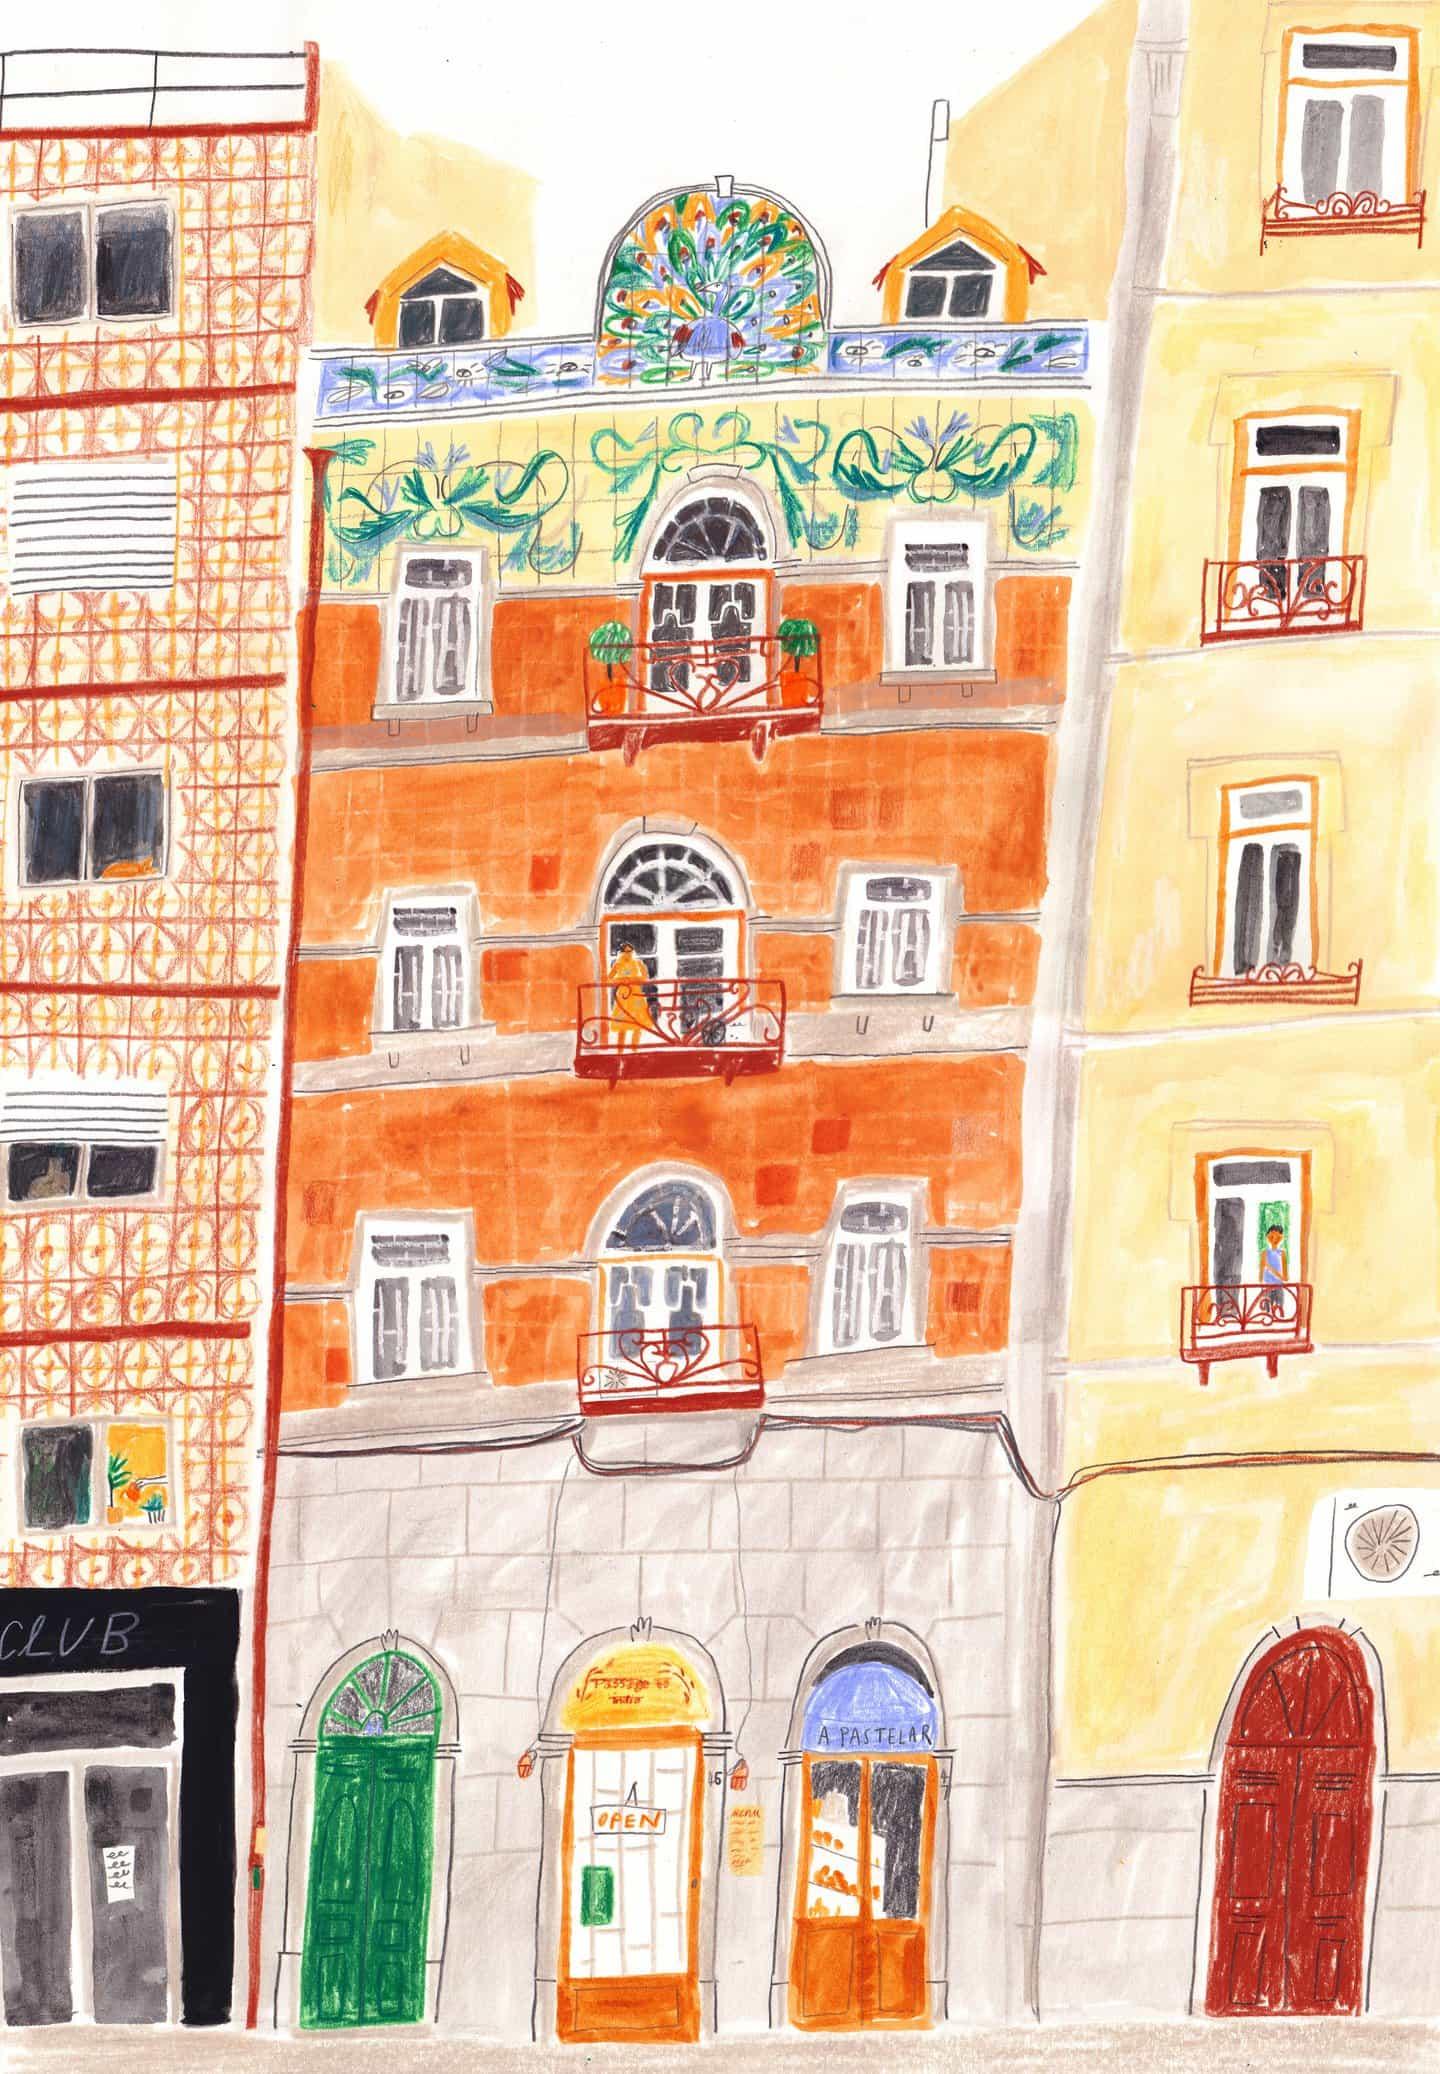 edificios y balcones de azulejos en Lisboa